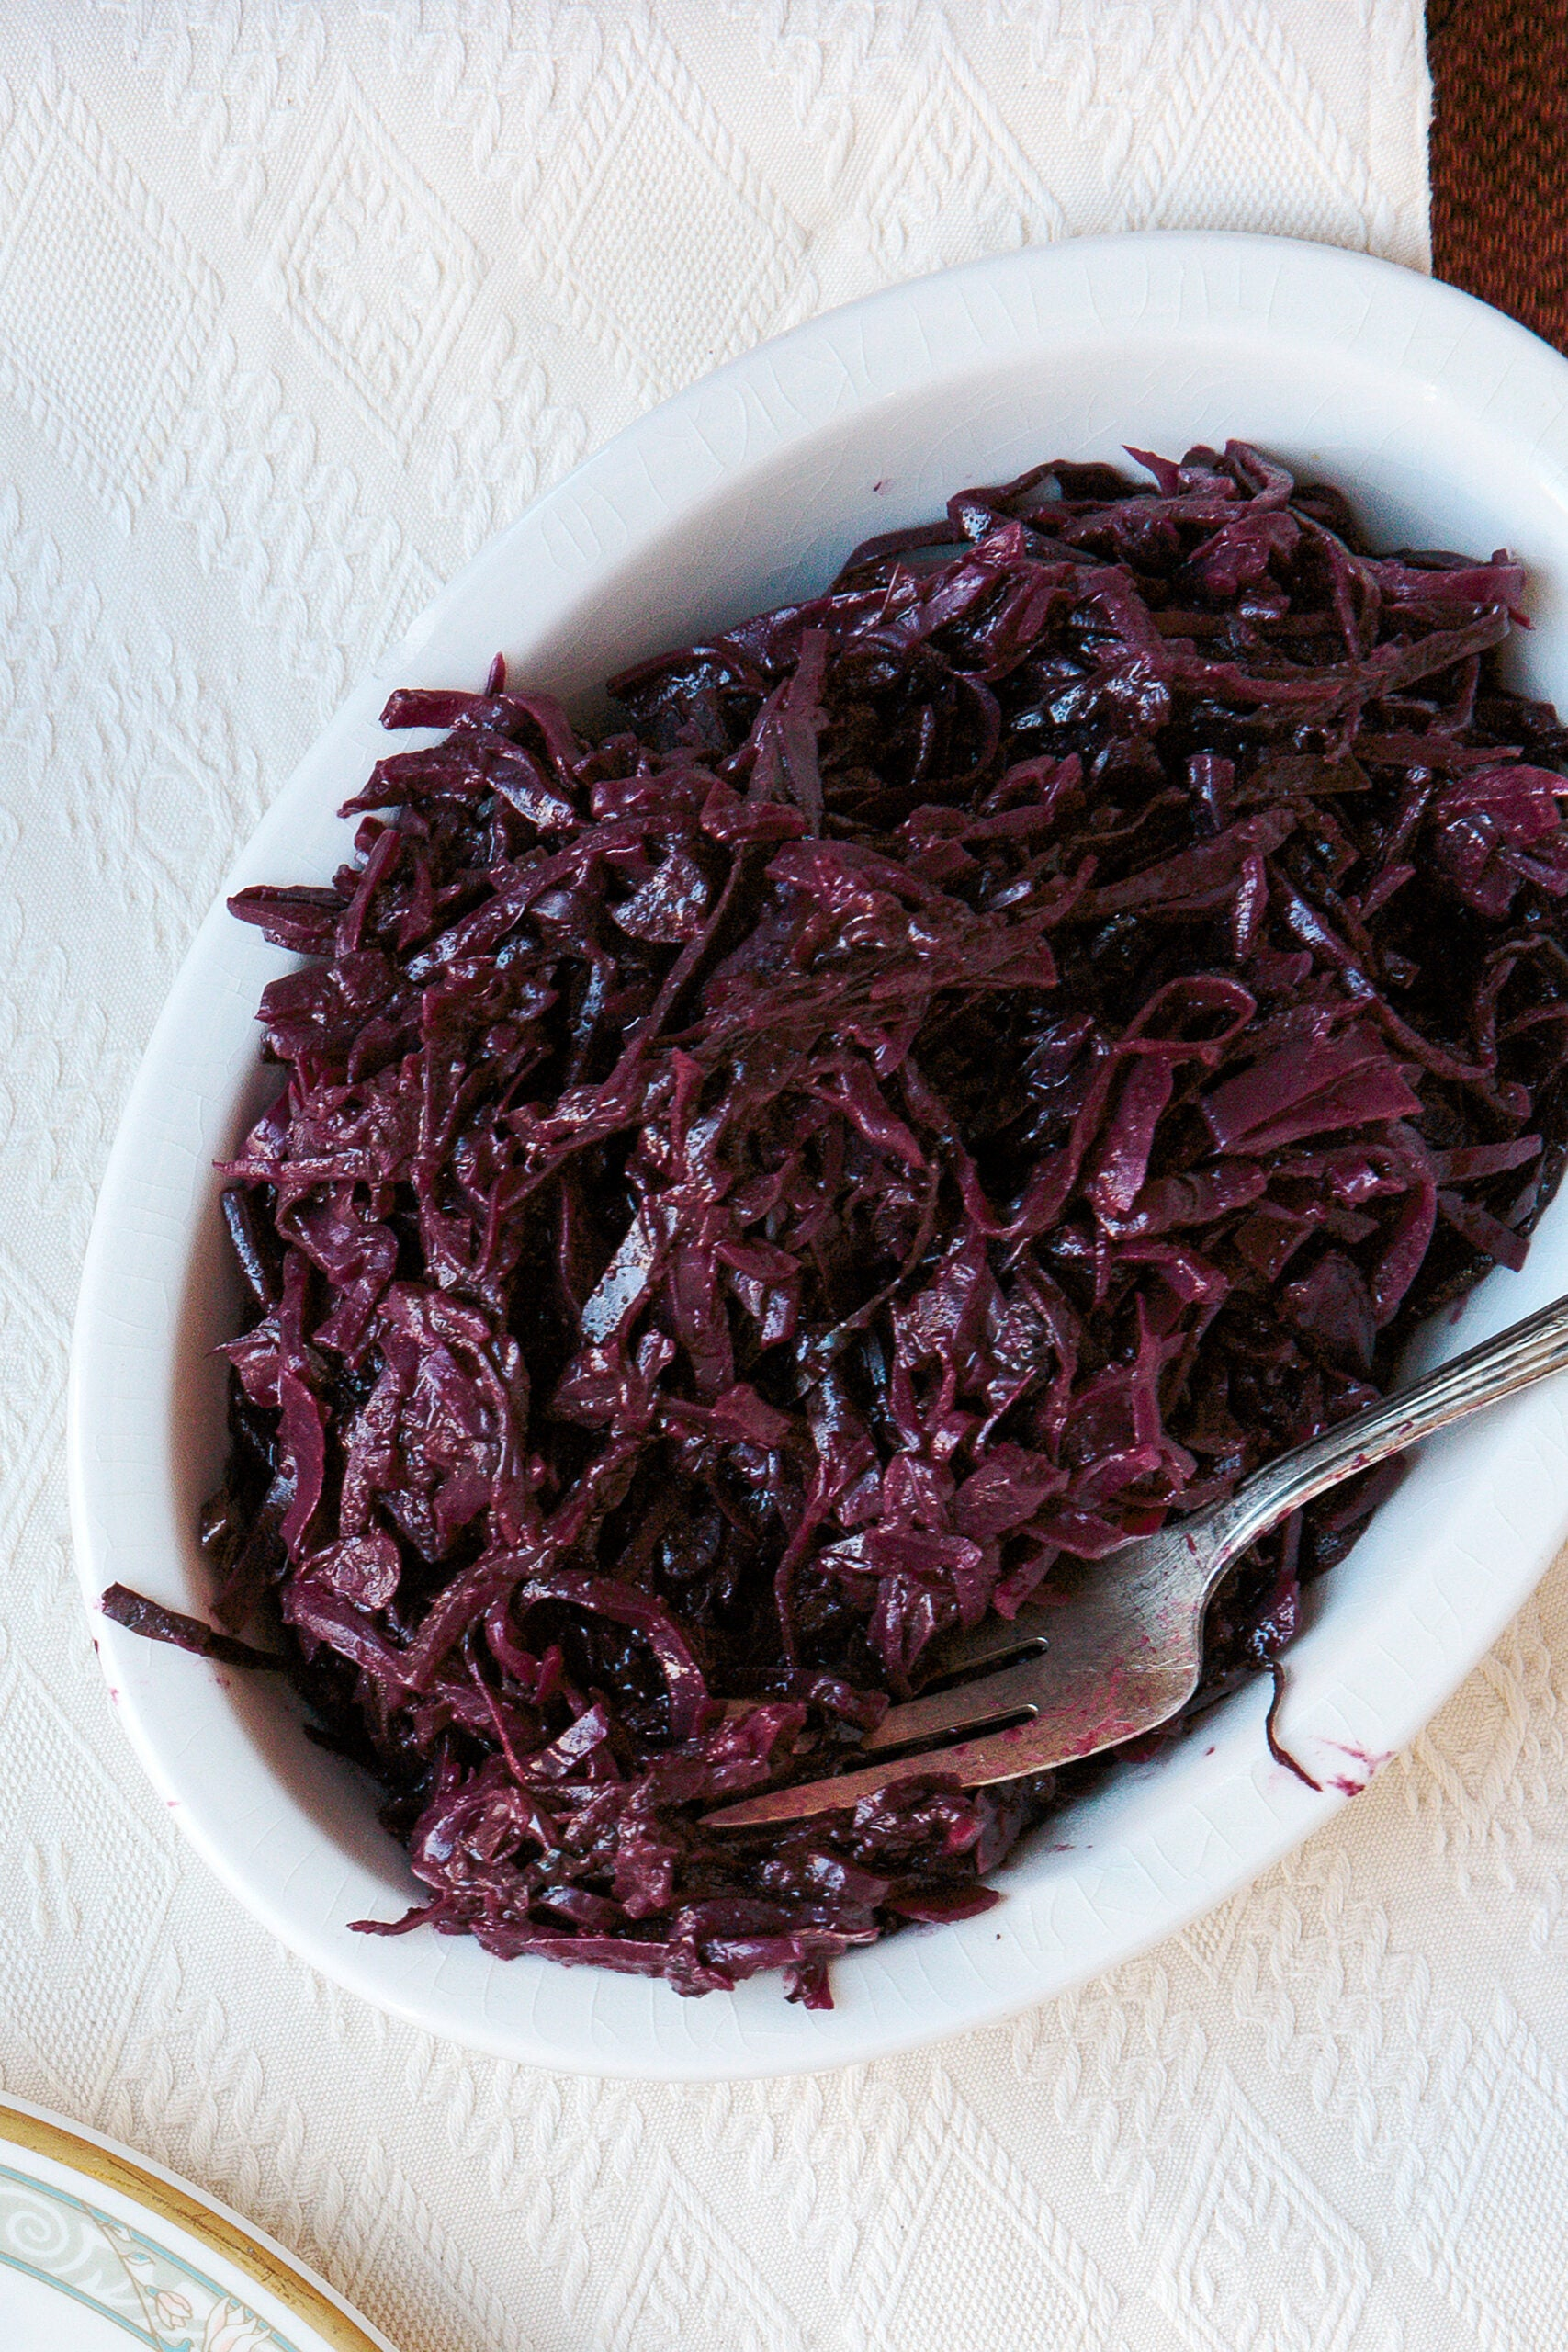 Spiced Cabbage with Blueberries (Kryddað Rauðkál með Bláberjum)